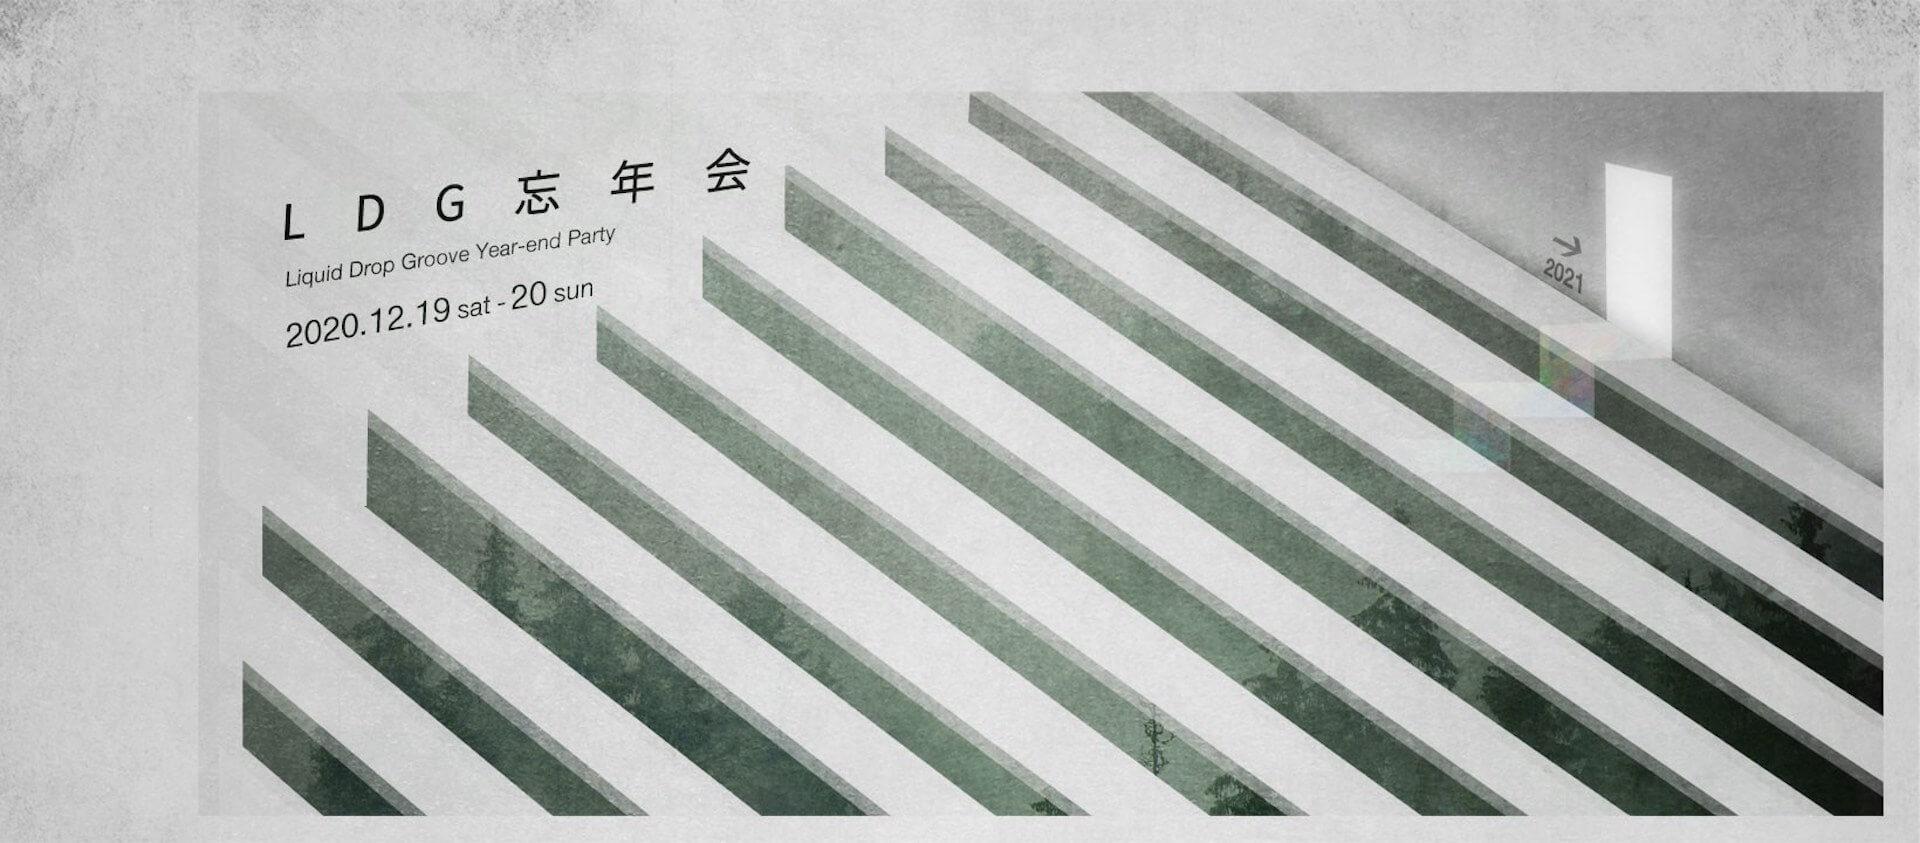 東京拠点のテクノレーベル〈Liquid Drop Groove〉の忘年野外パーティーが開催決定!DJ Nobu、Wata Igarashi、Gonnoら多数ラインナップ music201201_ldg_3